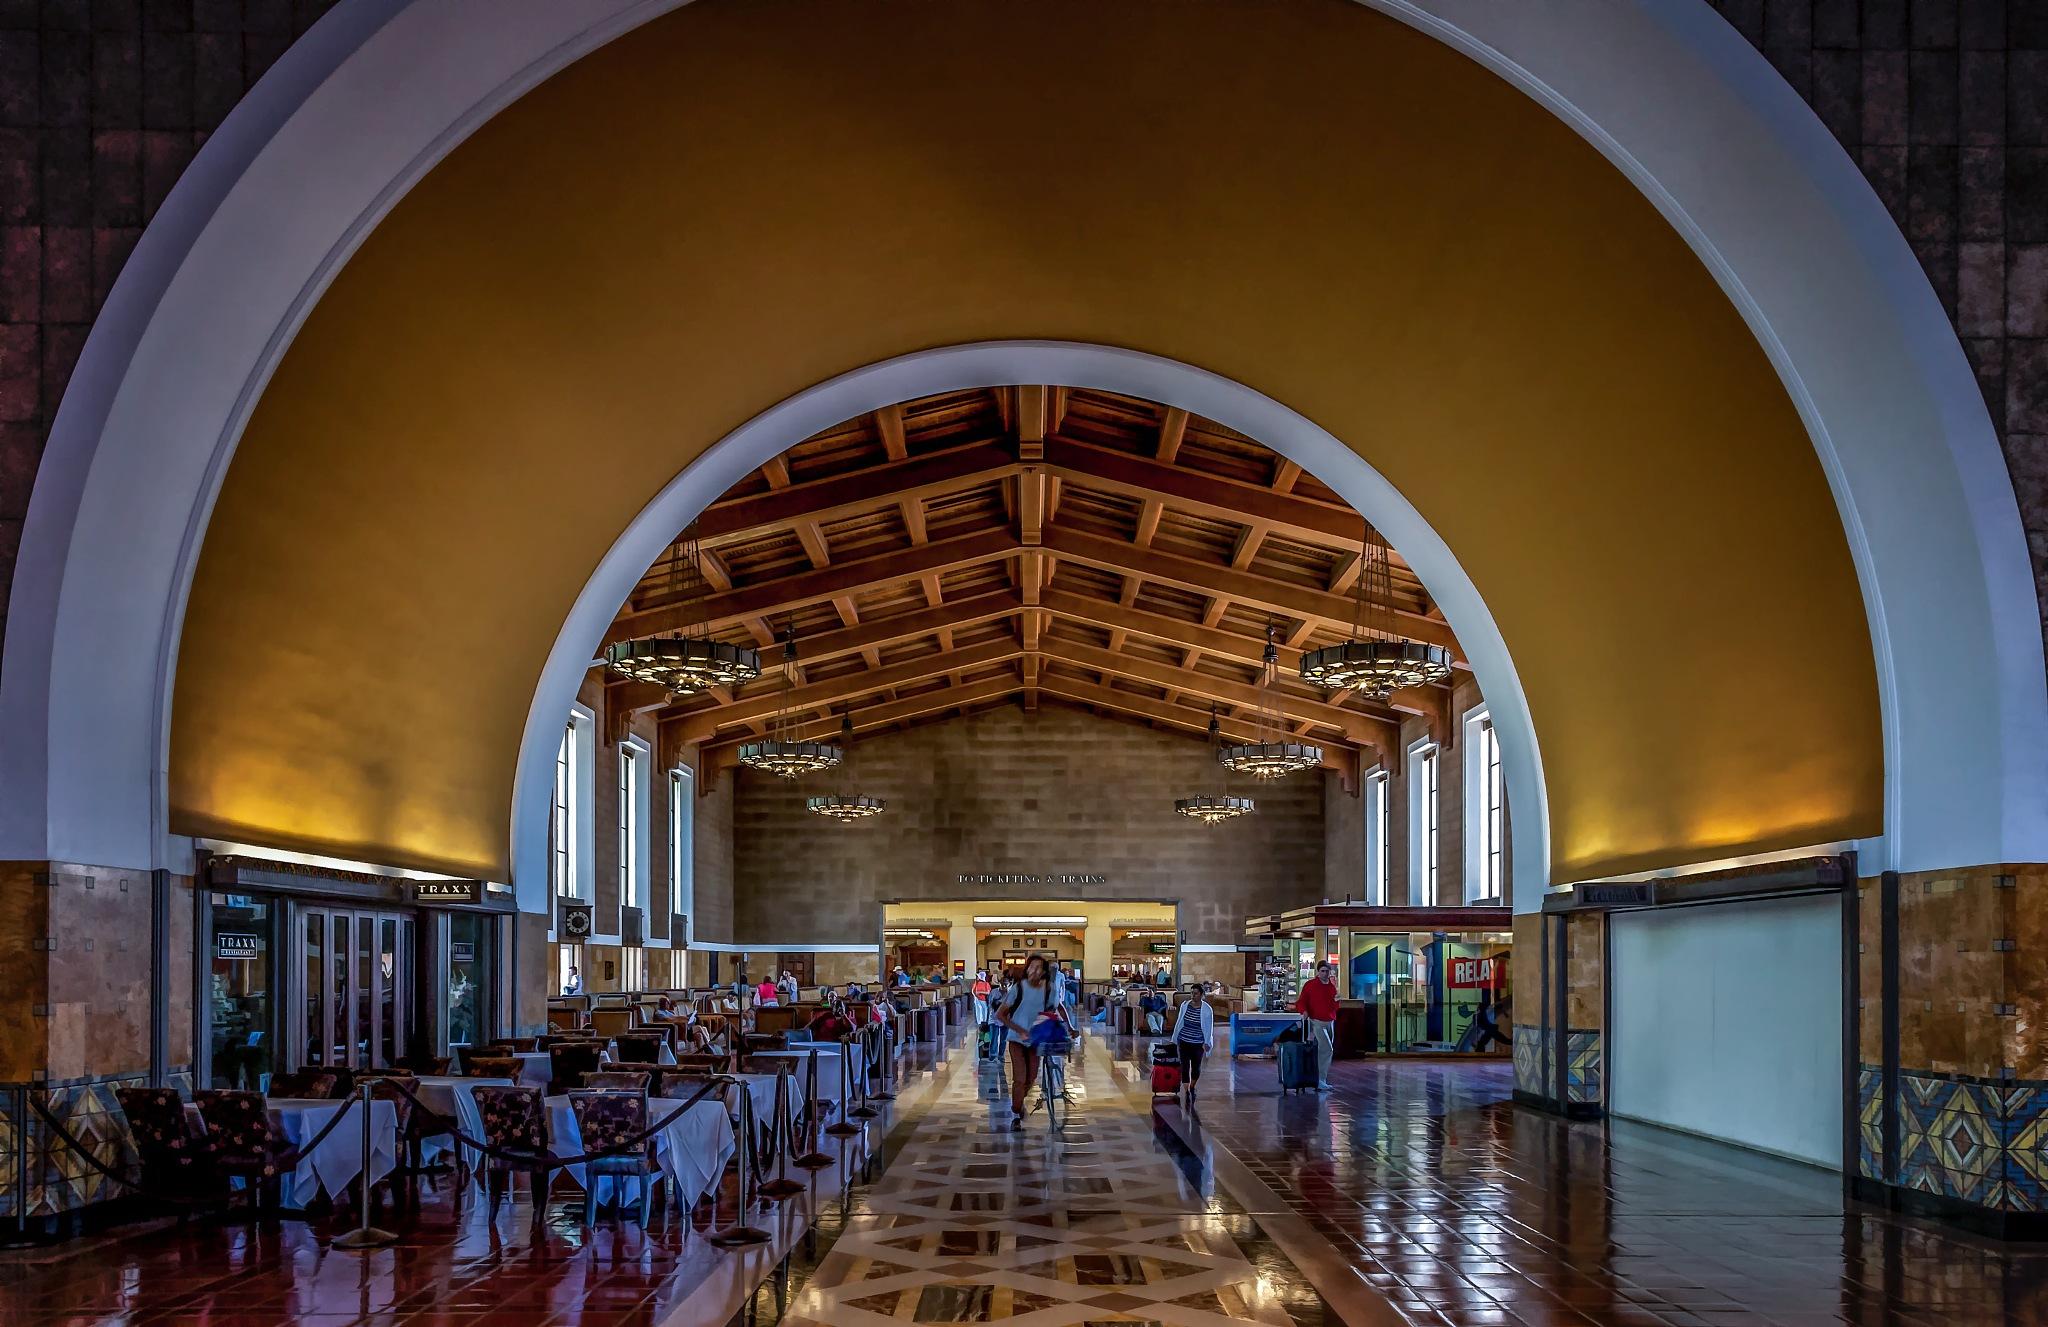 Union station by dinajona